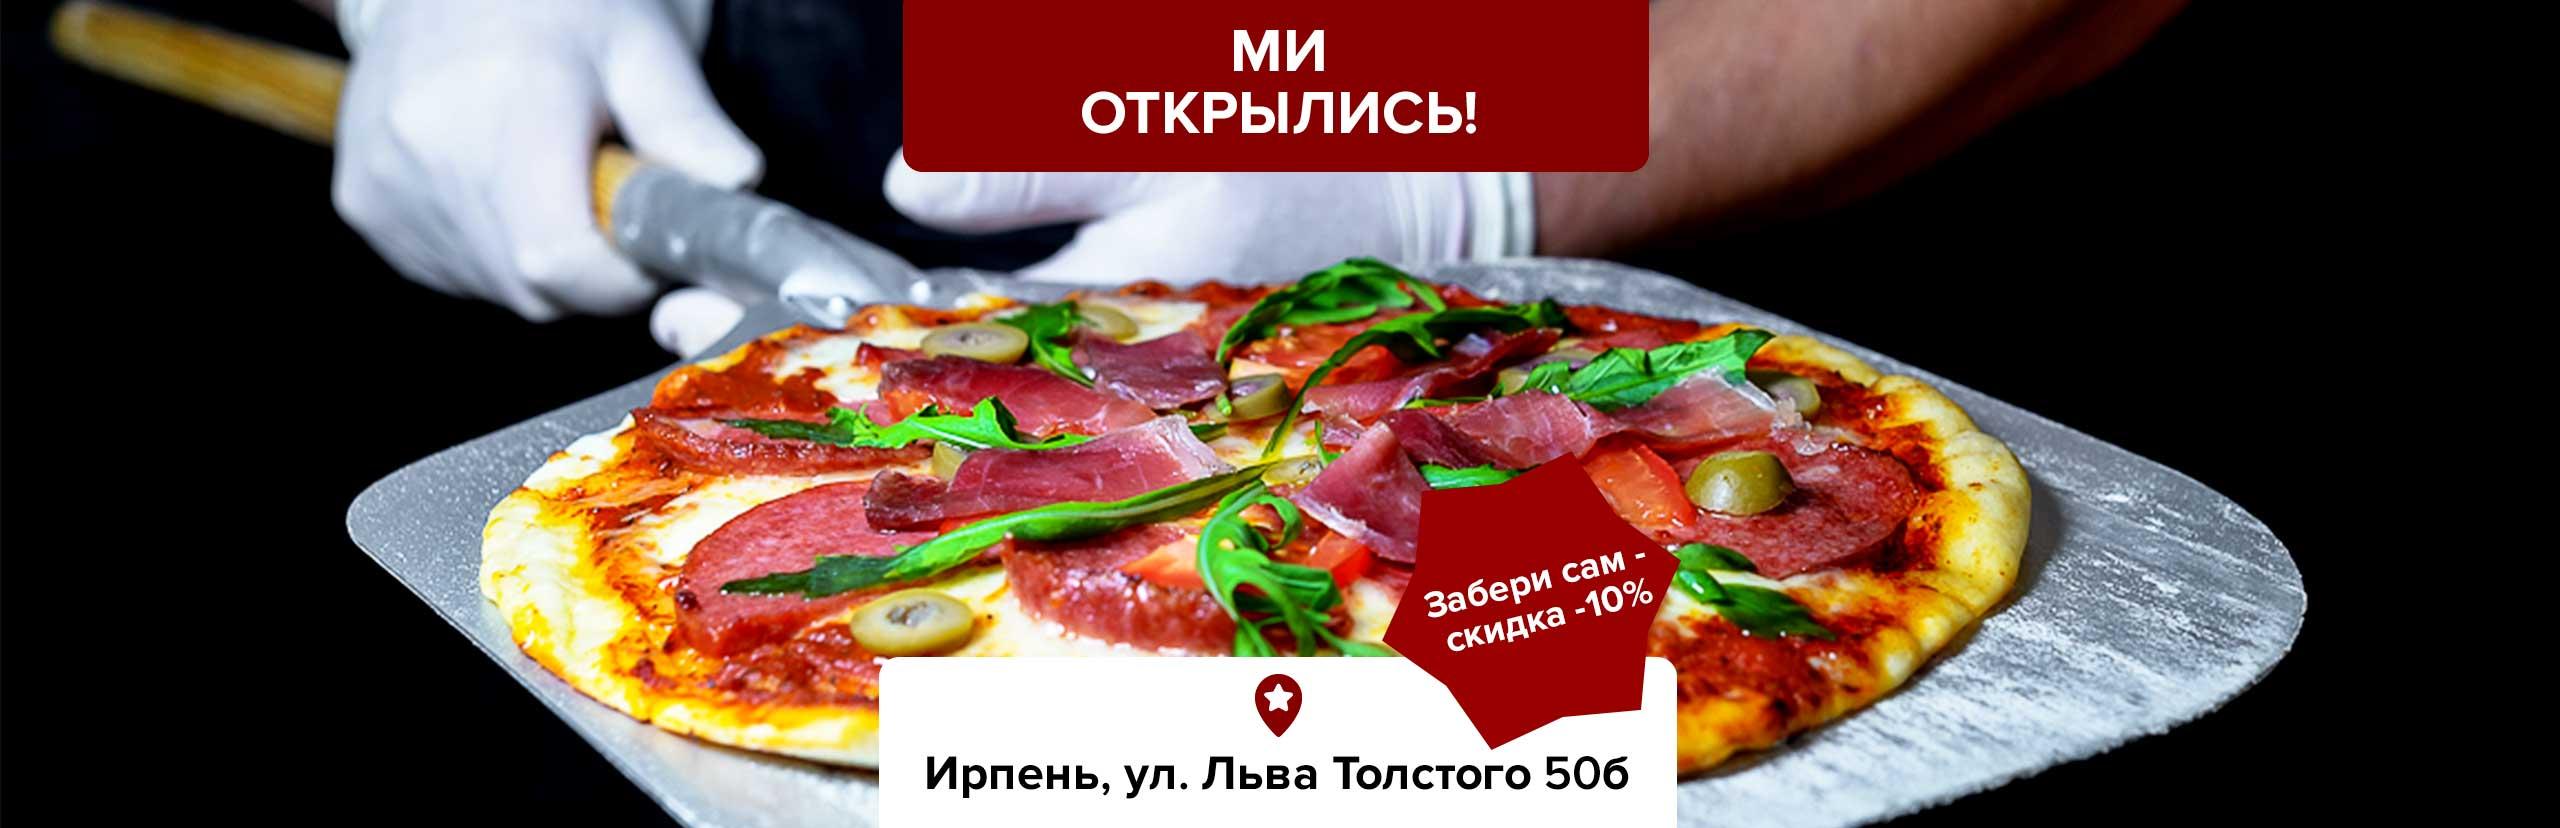 Открытие! Пиццерия бургерная Pablito Ирпень Буча - фото